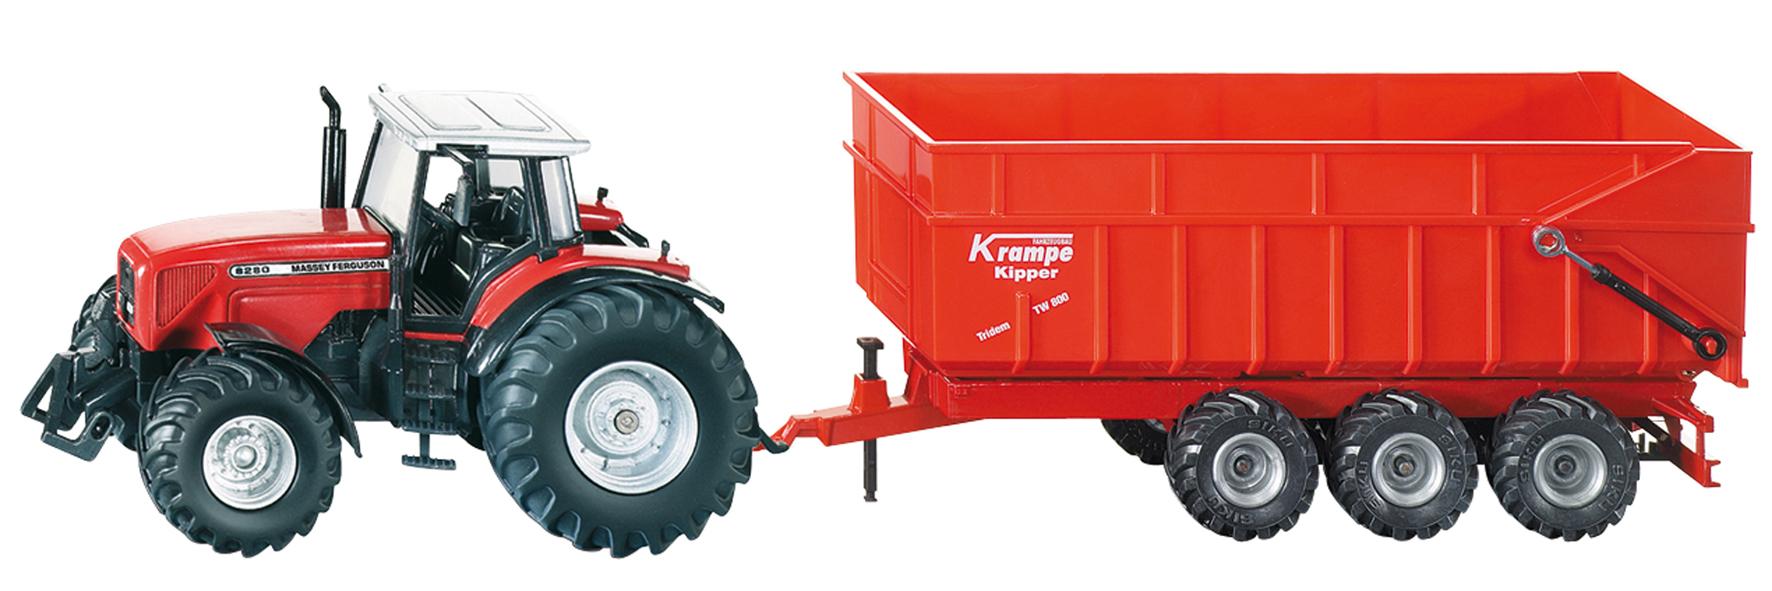 Massey ferguson tracteur avec remorque 3 essieux 1844 - Jeu de tracteur agricole gratuit ...